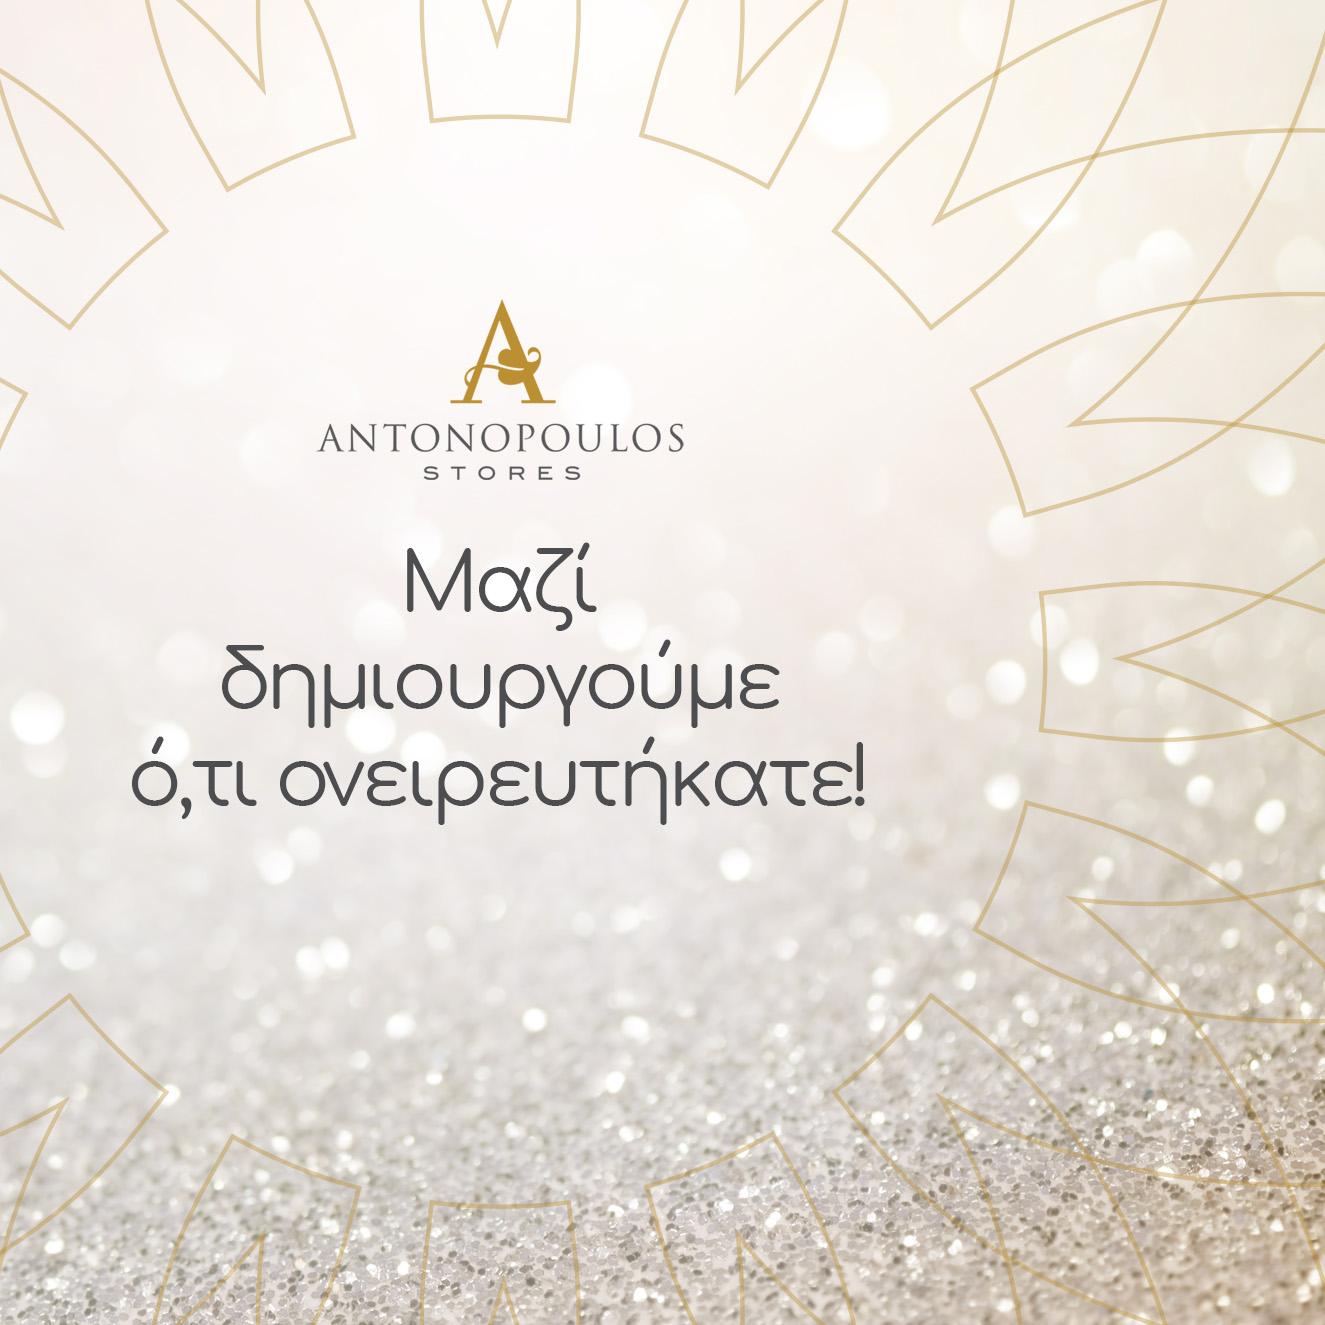 Antonopoulos Stores